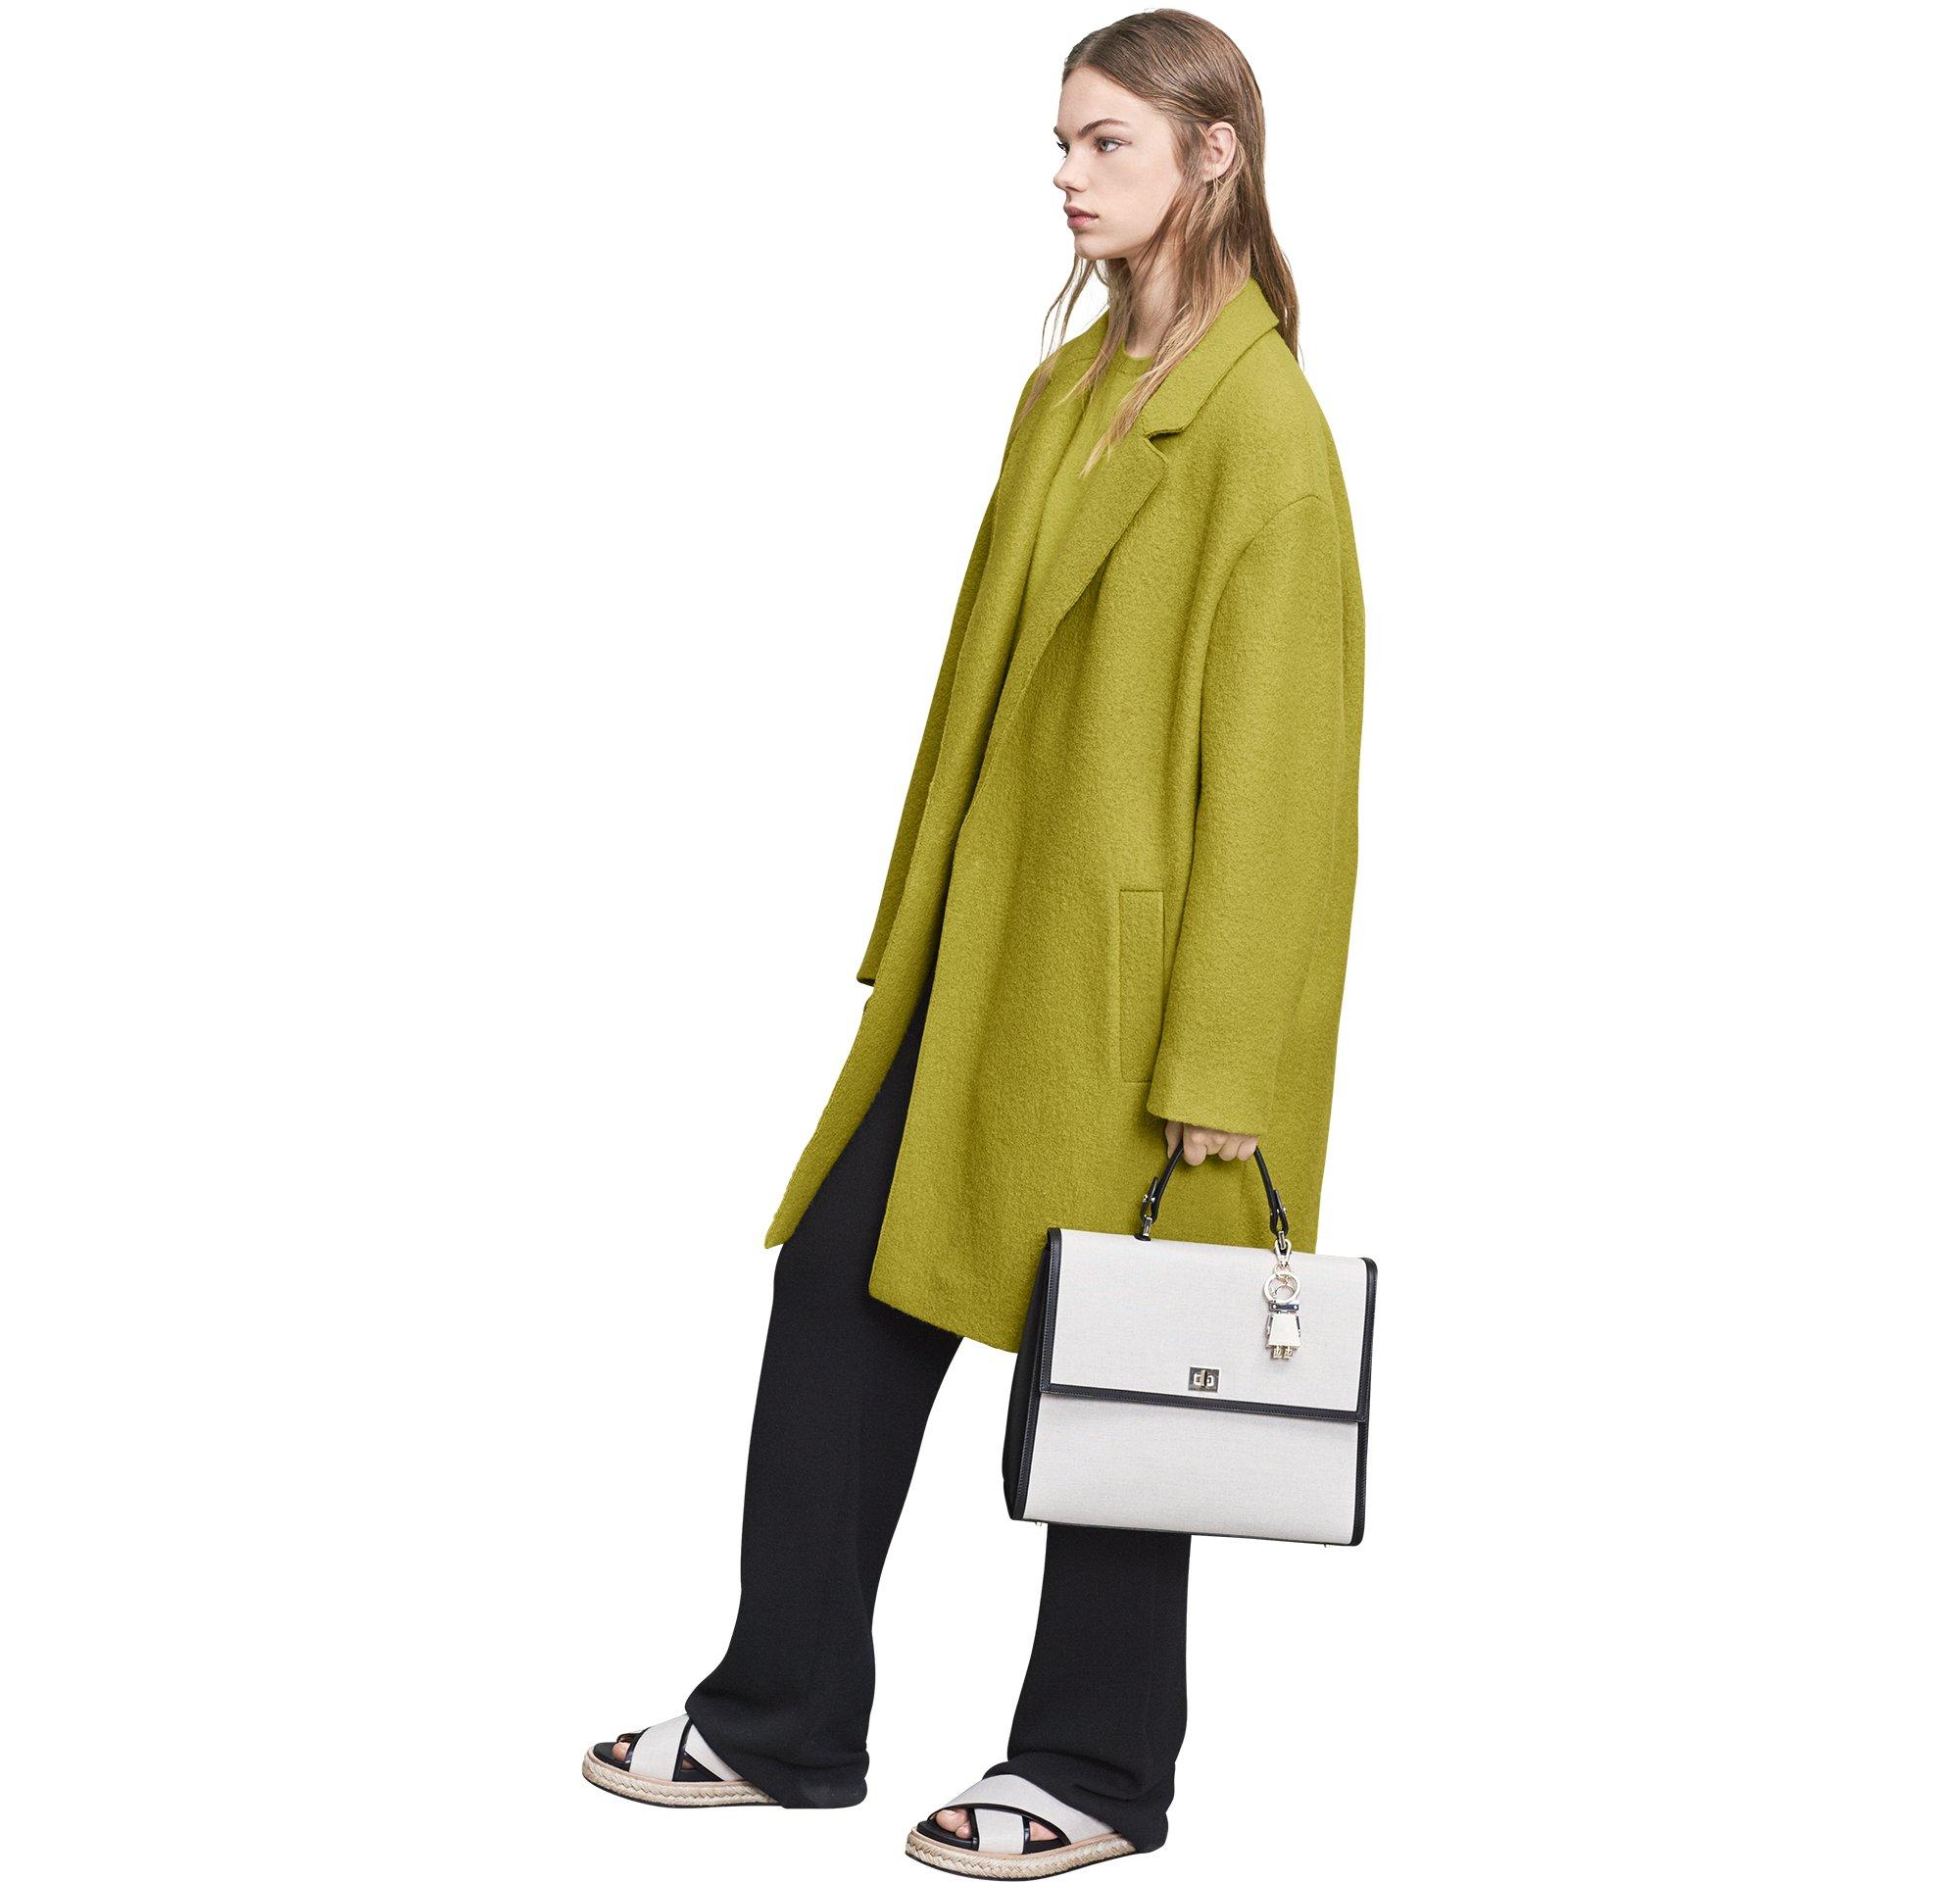 Mantel, Hose, Tasche und Schuhe von BOSS Womenswear